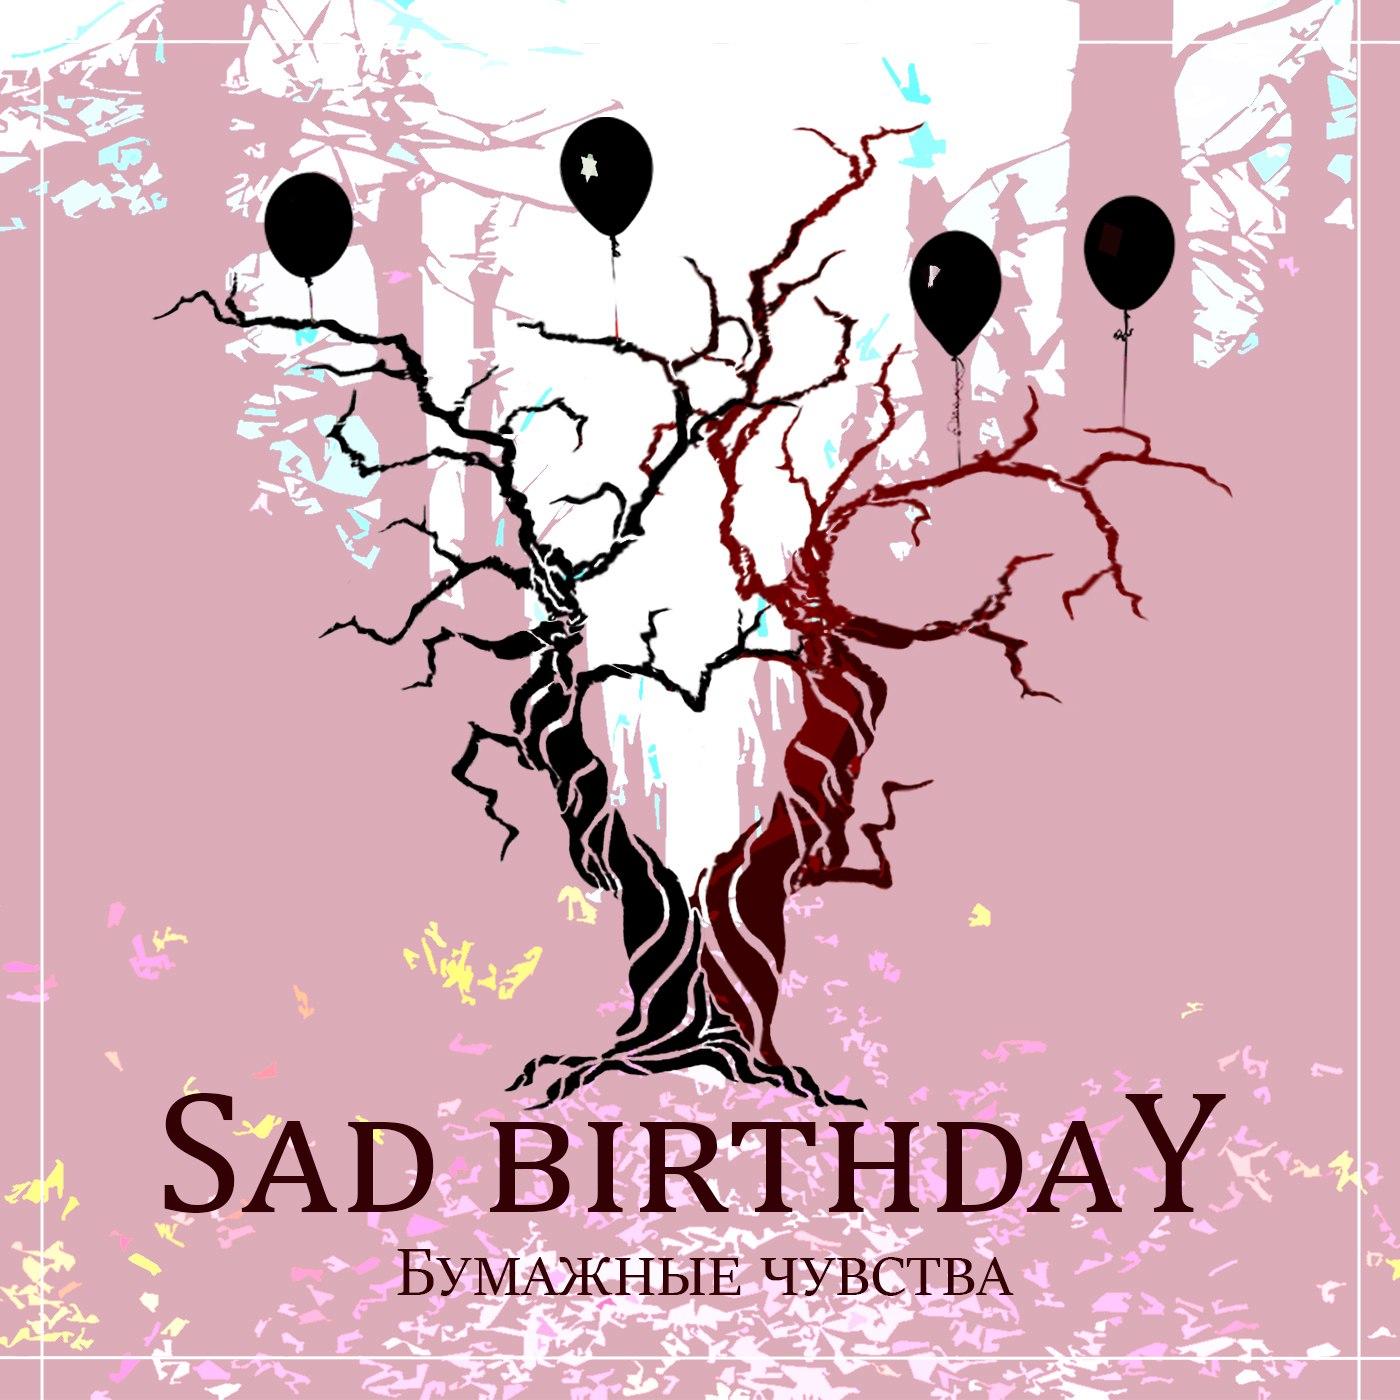 Новый сингл Sad Birthday - Бумажные Чувства